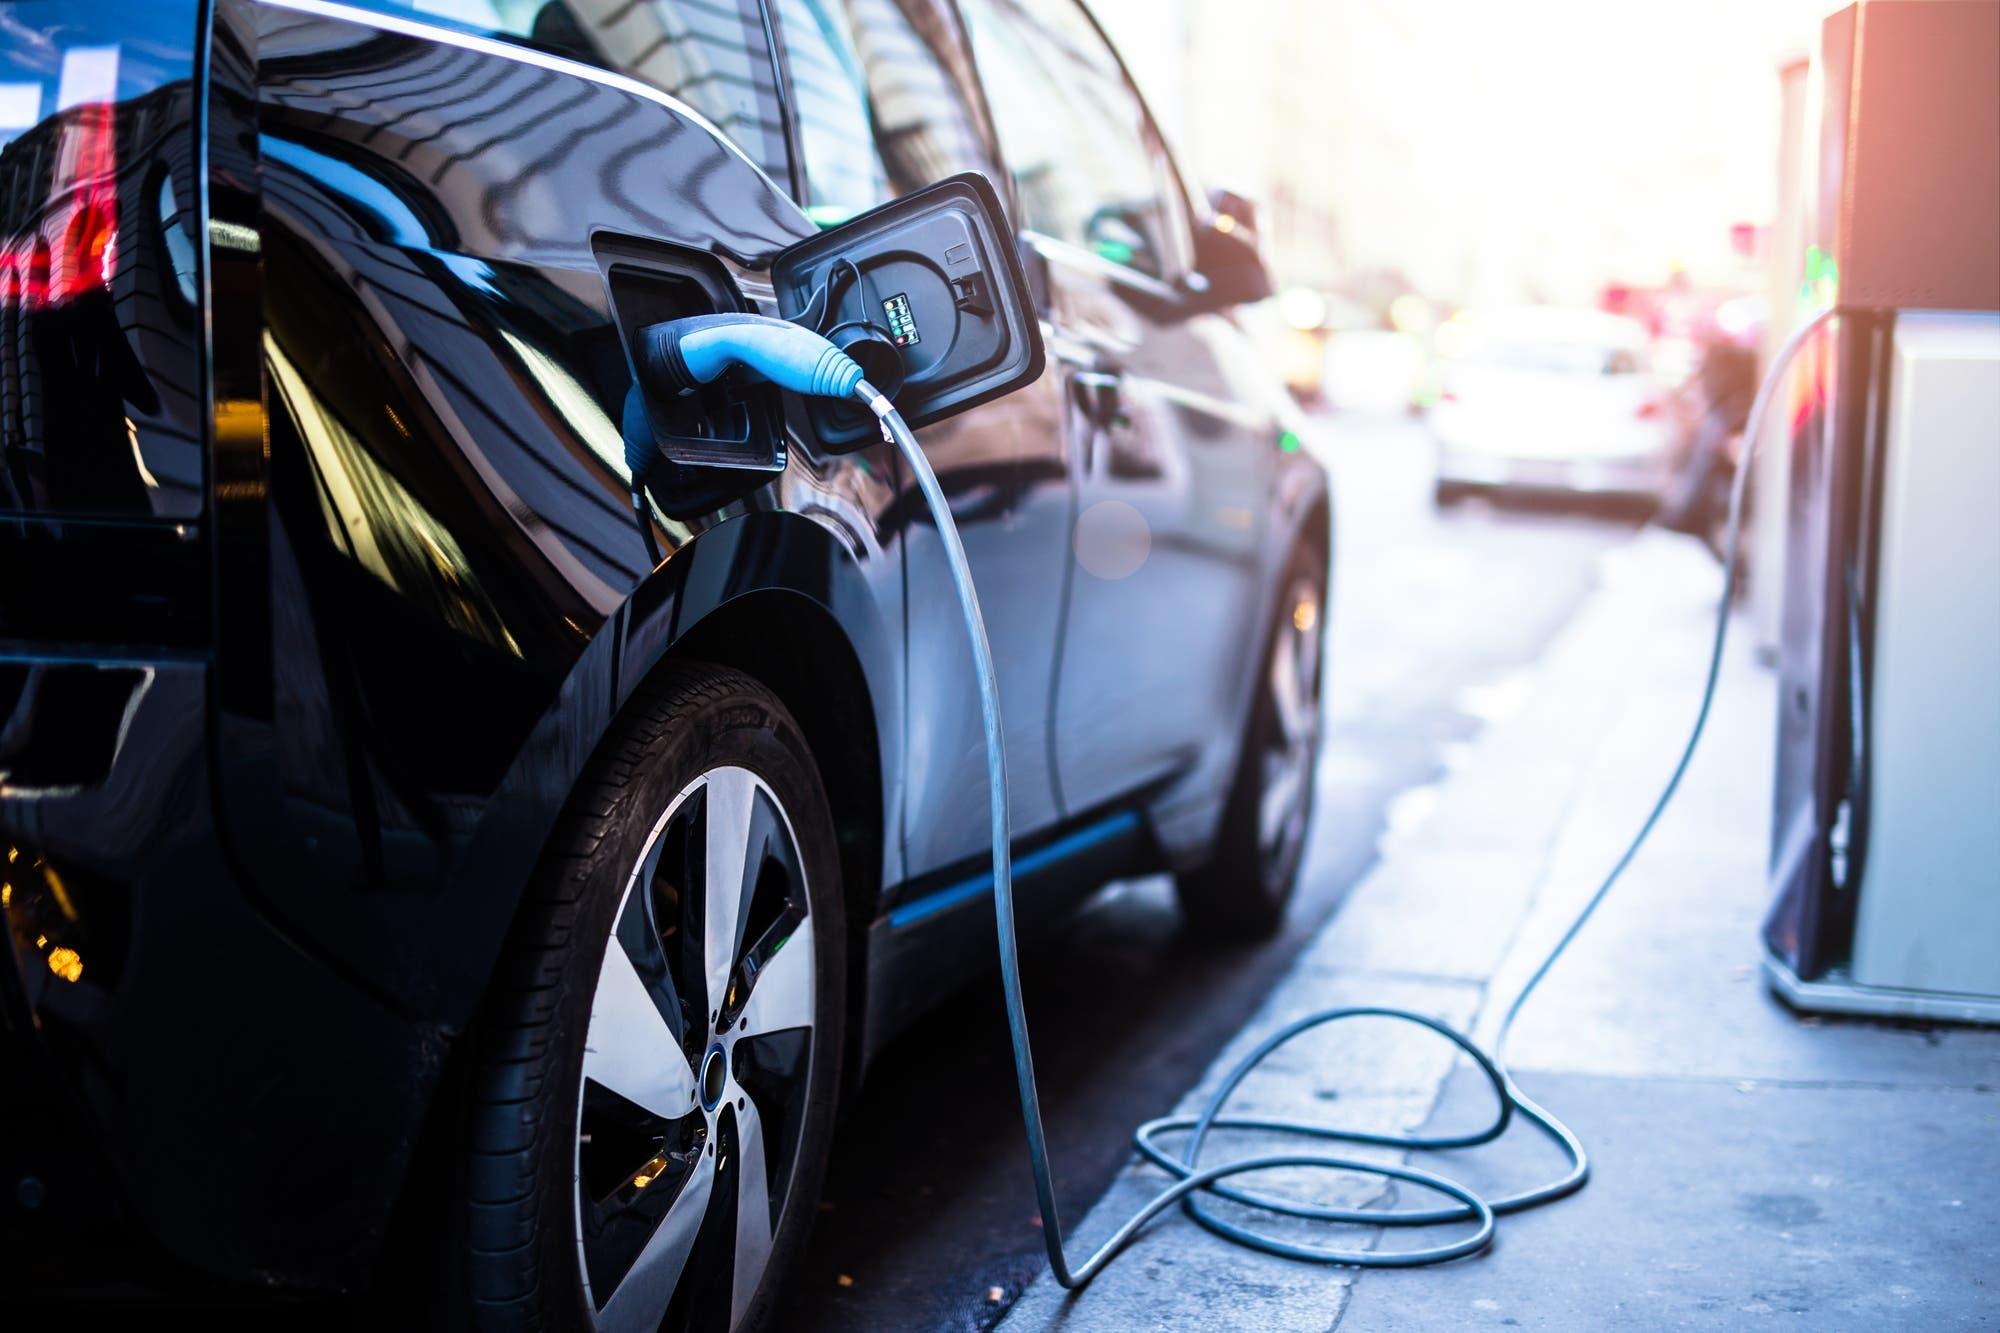 Los silenciosos autos eléctricos deberán circular con ruido artificial en Europa